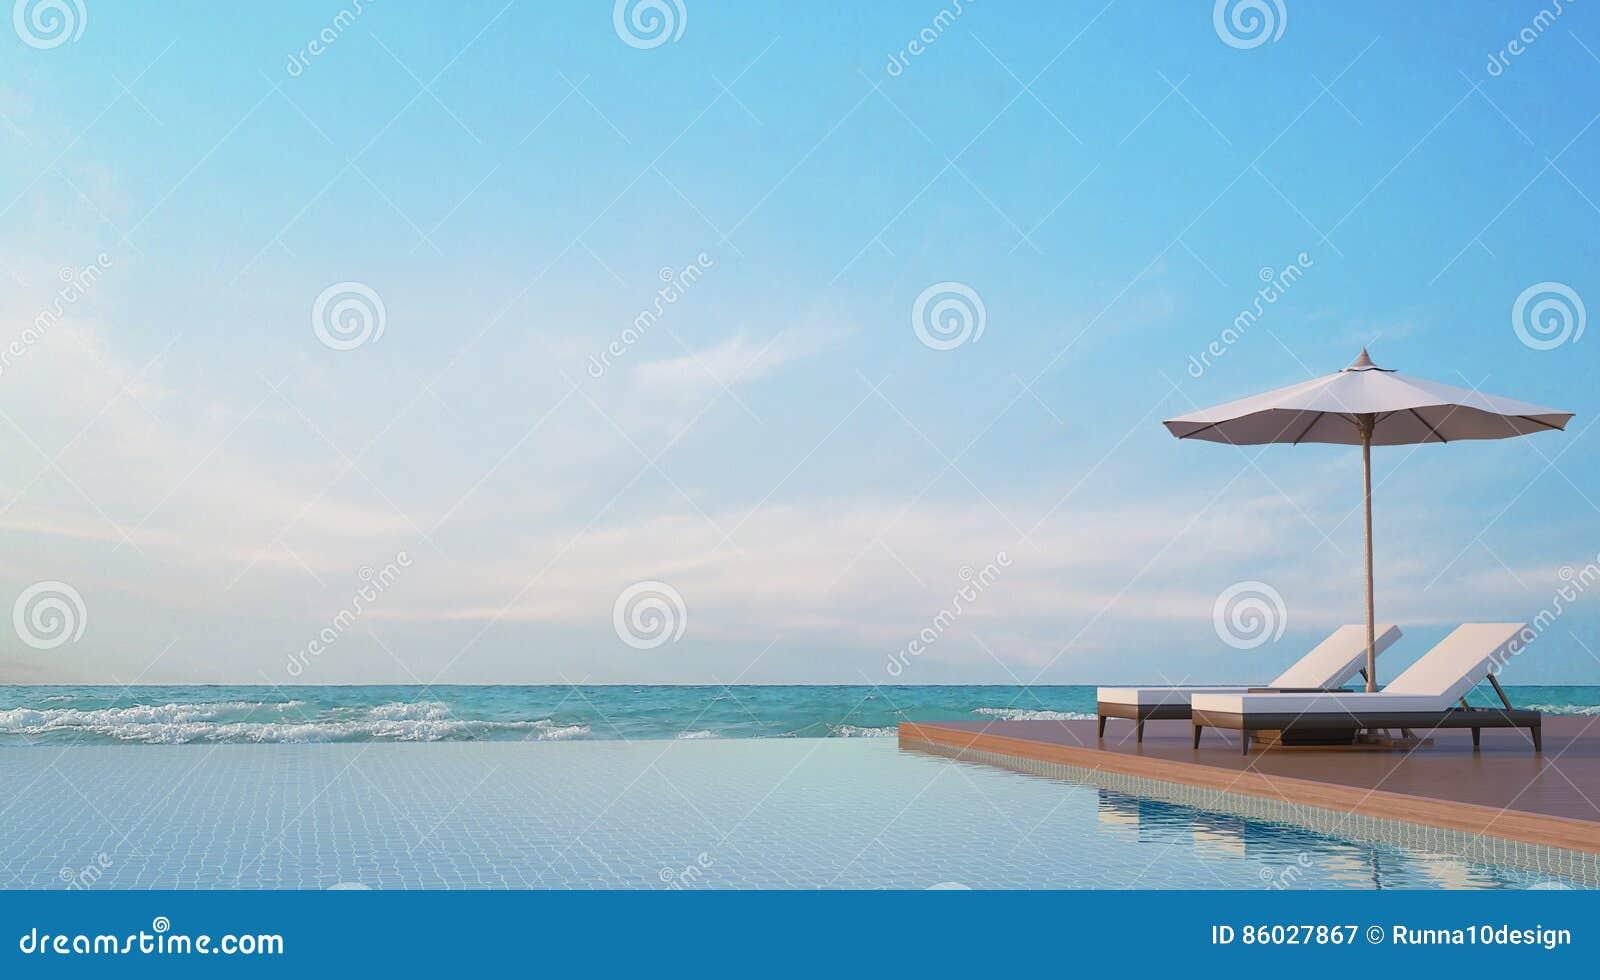 Reúna la terraza con imagen de la representación de la opinión 3d del mar